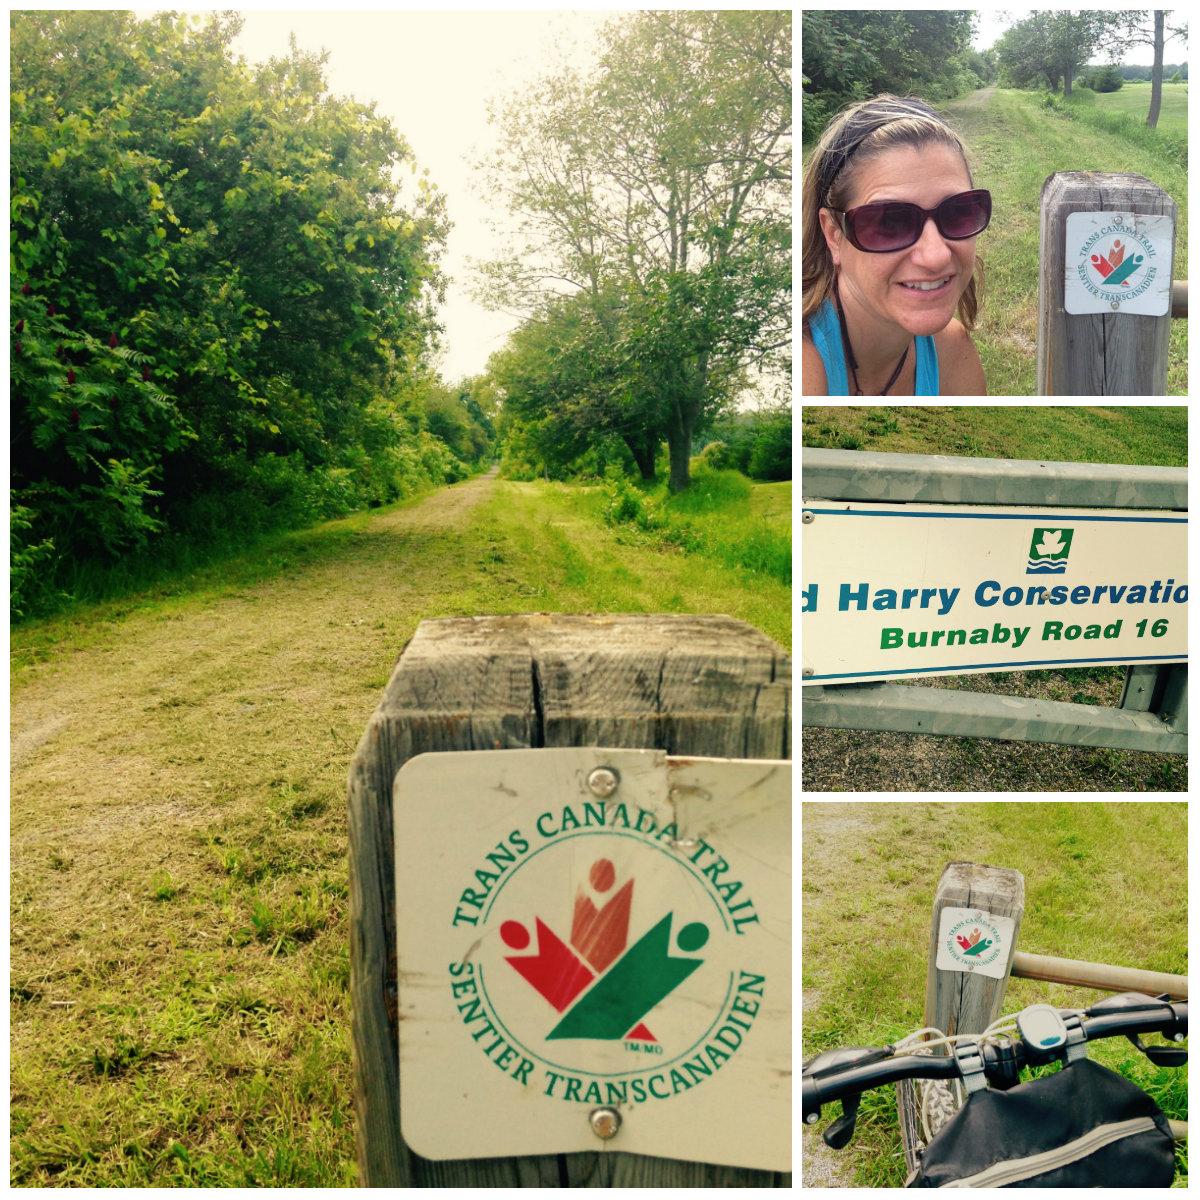 tc trail july 12, 2015 burnaby to burkett